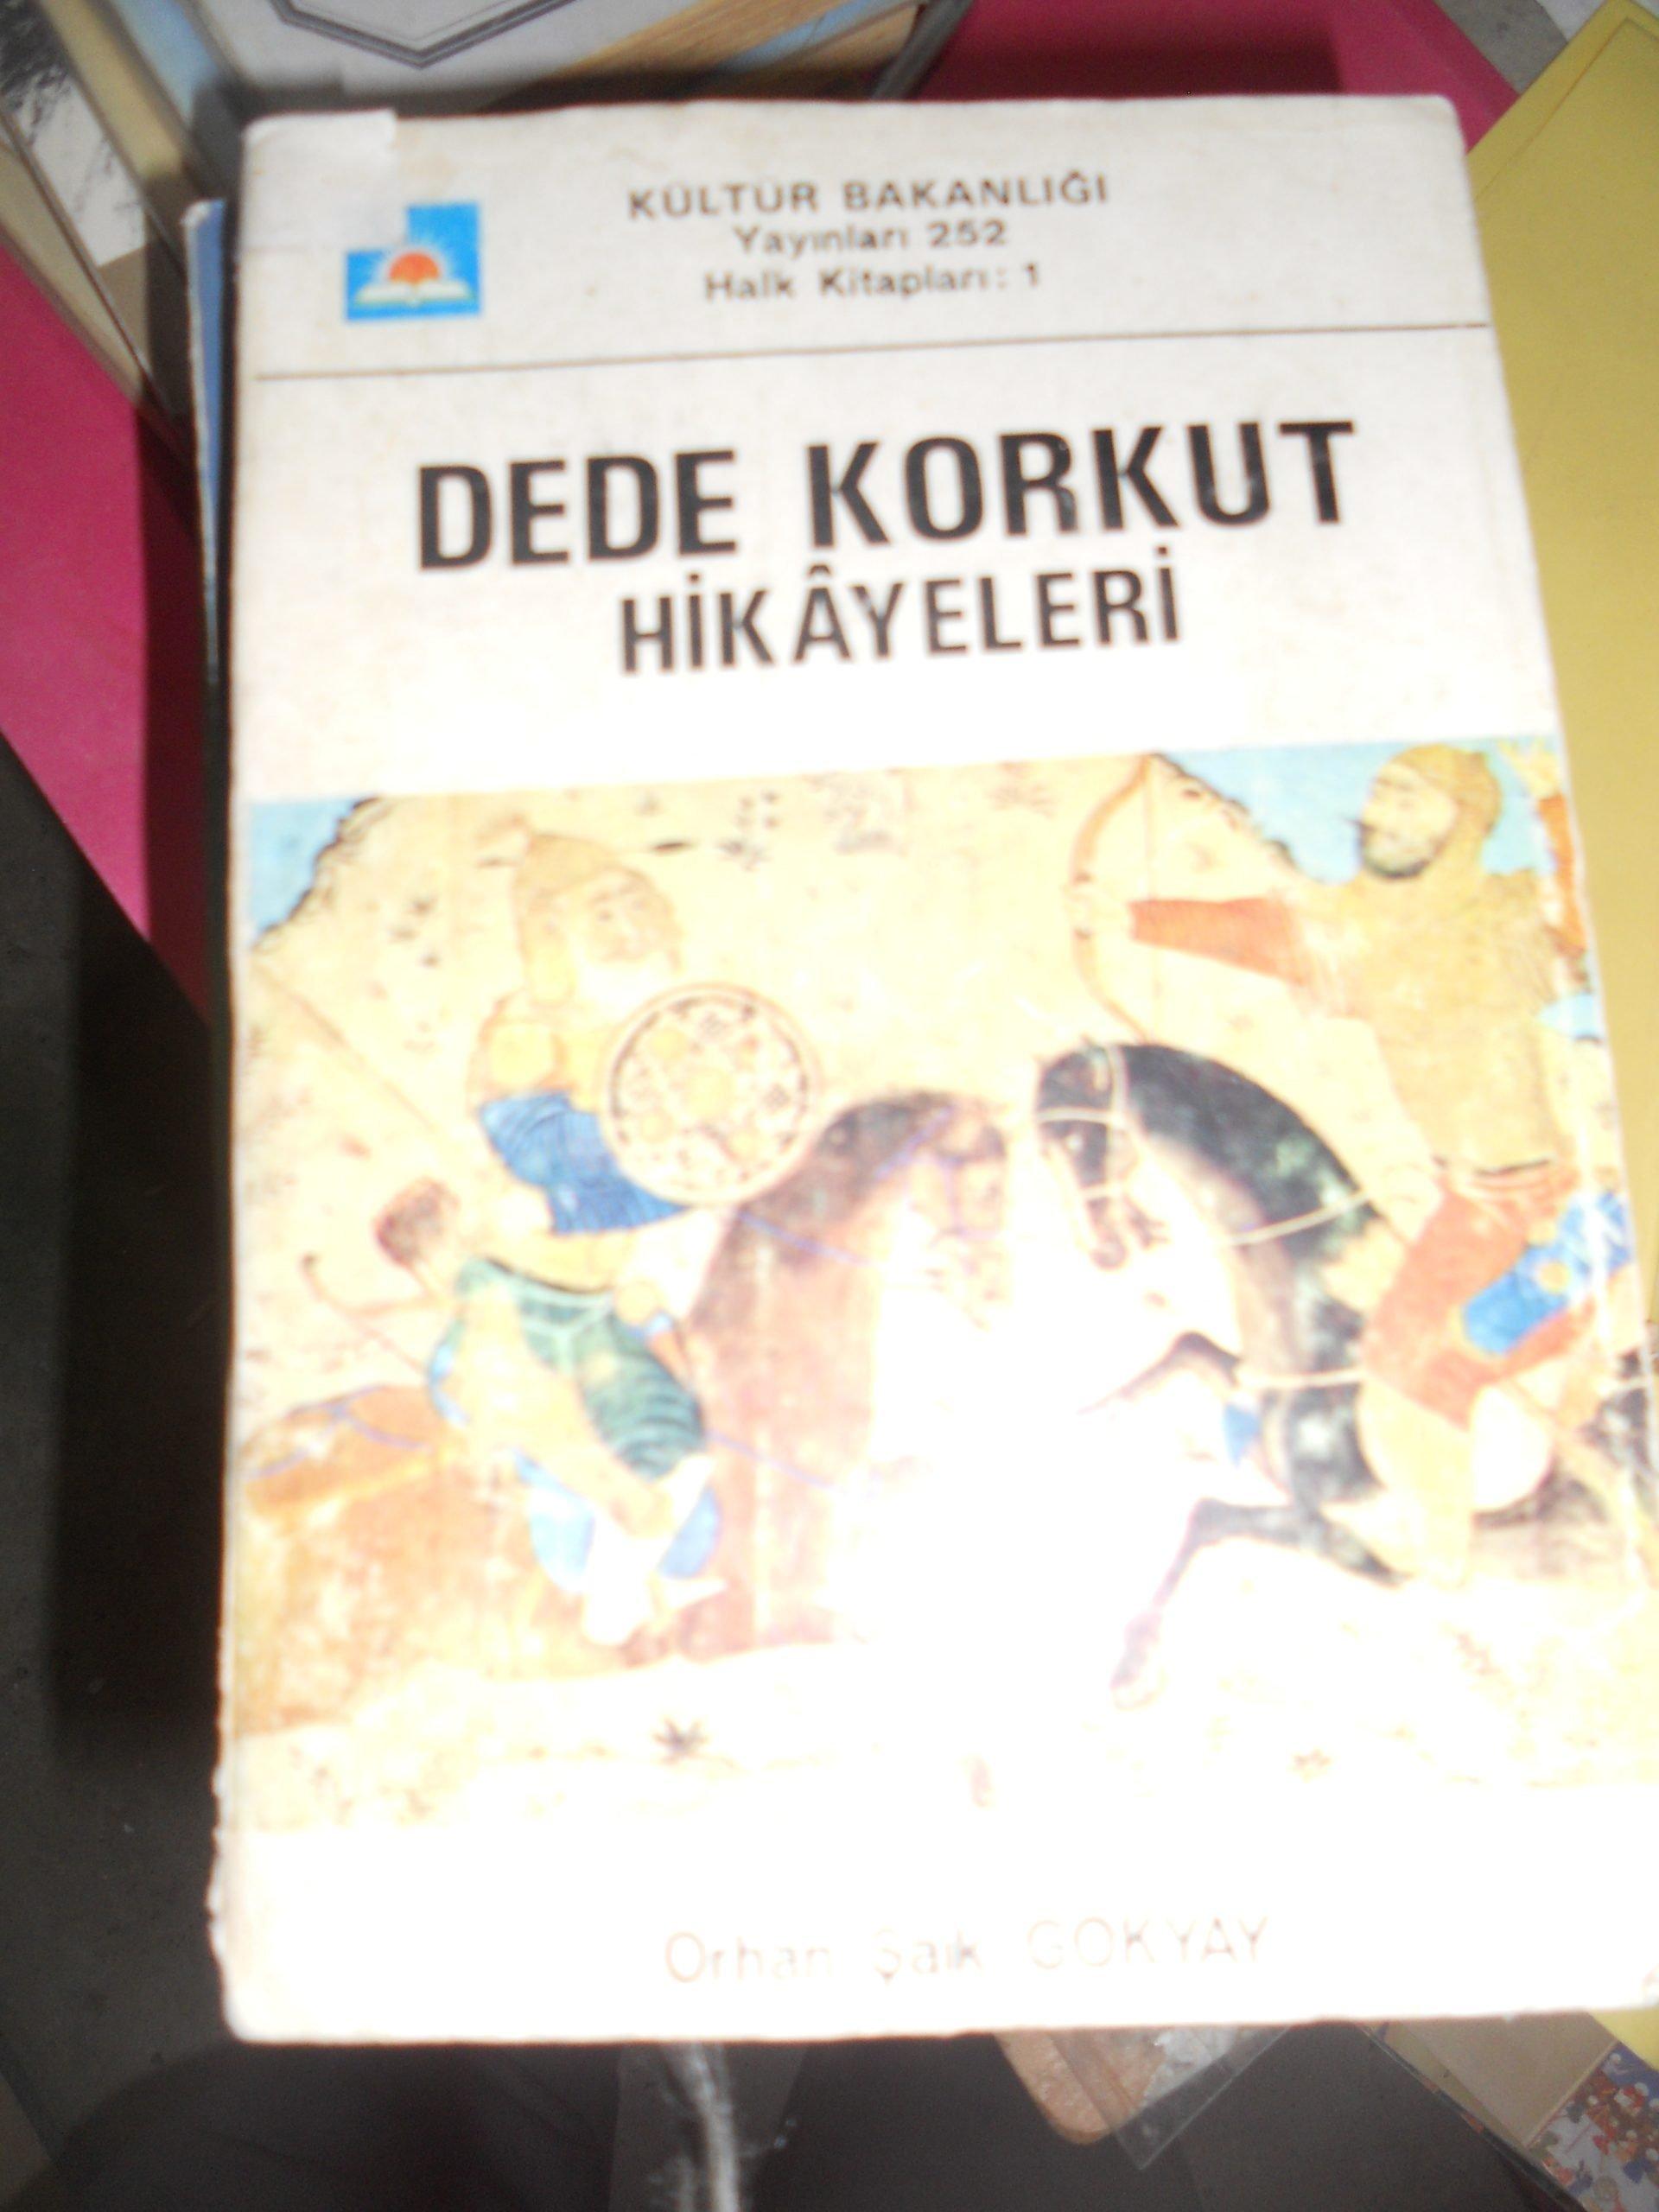 DEDE KORKUT HİKAYELERİ/ORHAN ŞAİK GÖKYAY/ 15 TL